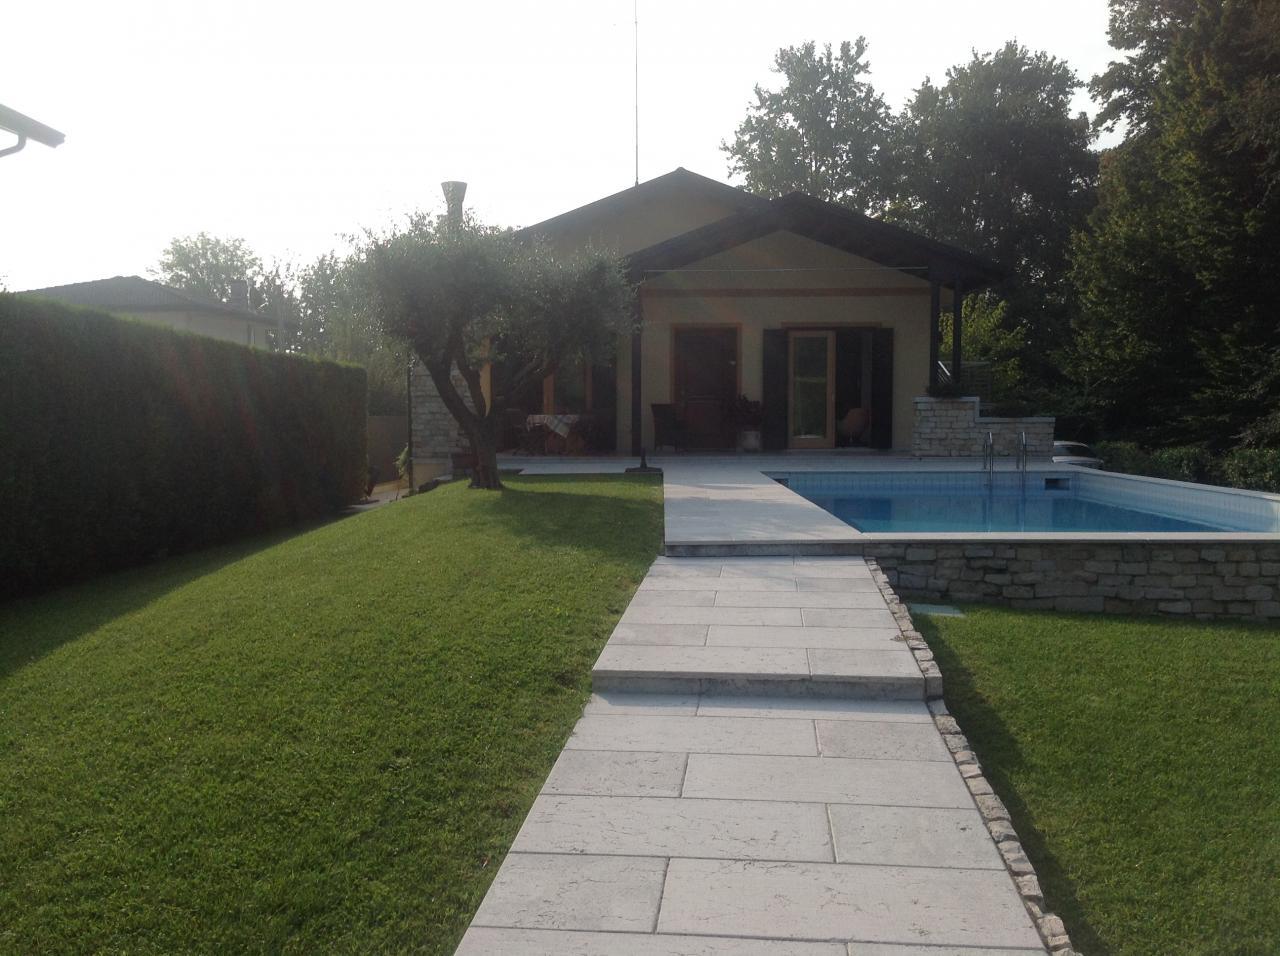 Villa in vendita a San Biagio di Callalta, 8 locali, zona Località: Olmi, prezzo € 380.000 | Cambio Casa.it